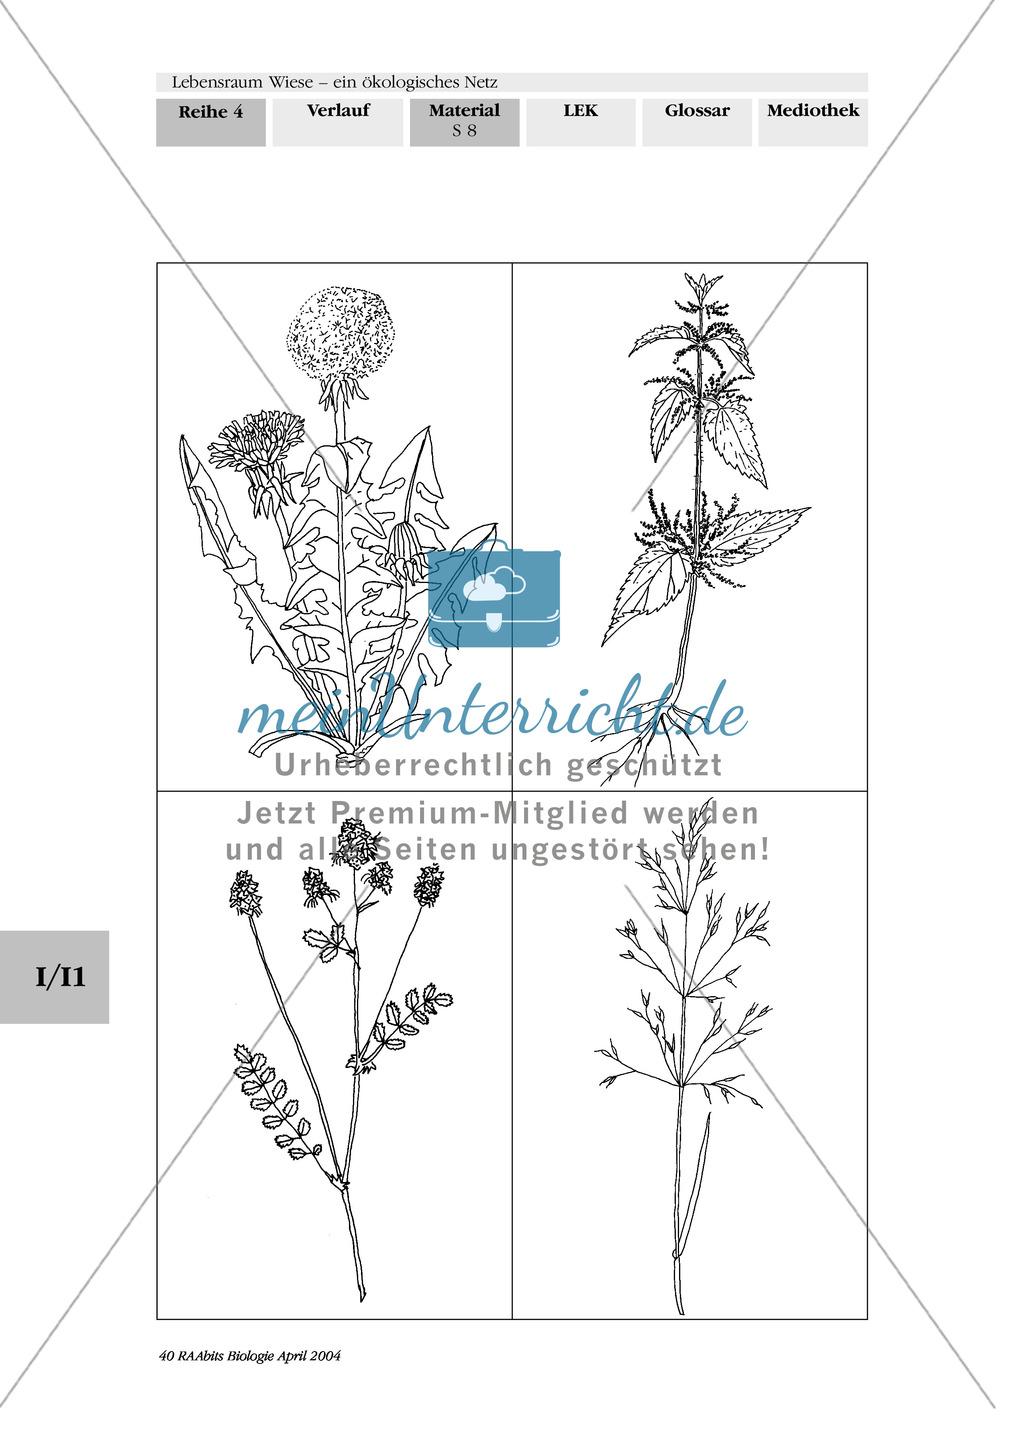 Lebensraum Wiese: Das ökologische Netz einer Wiese - Text- und Bildkarten Preview 4